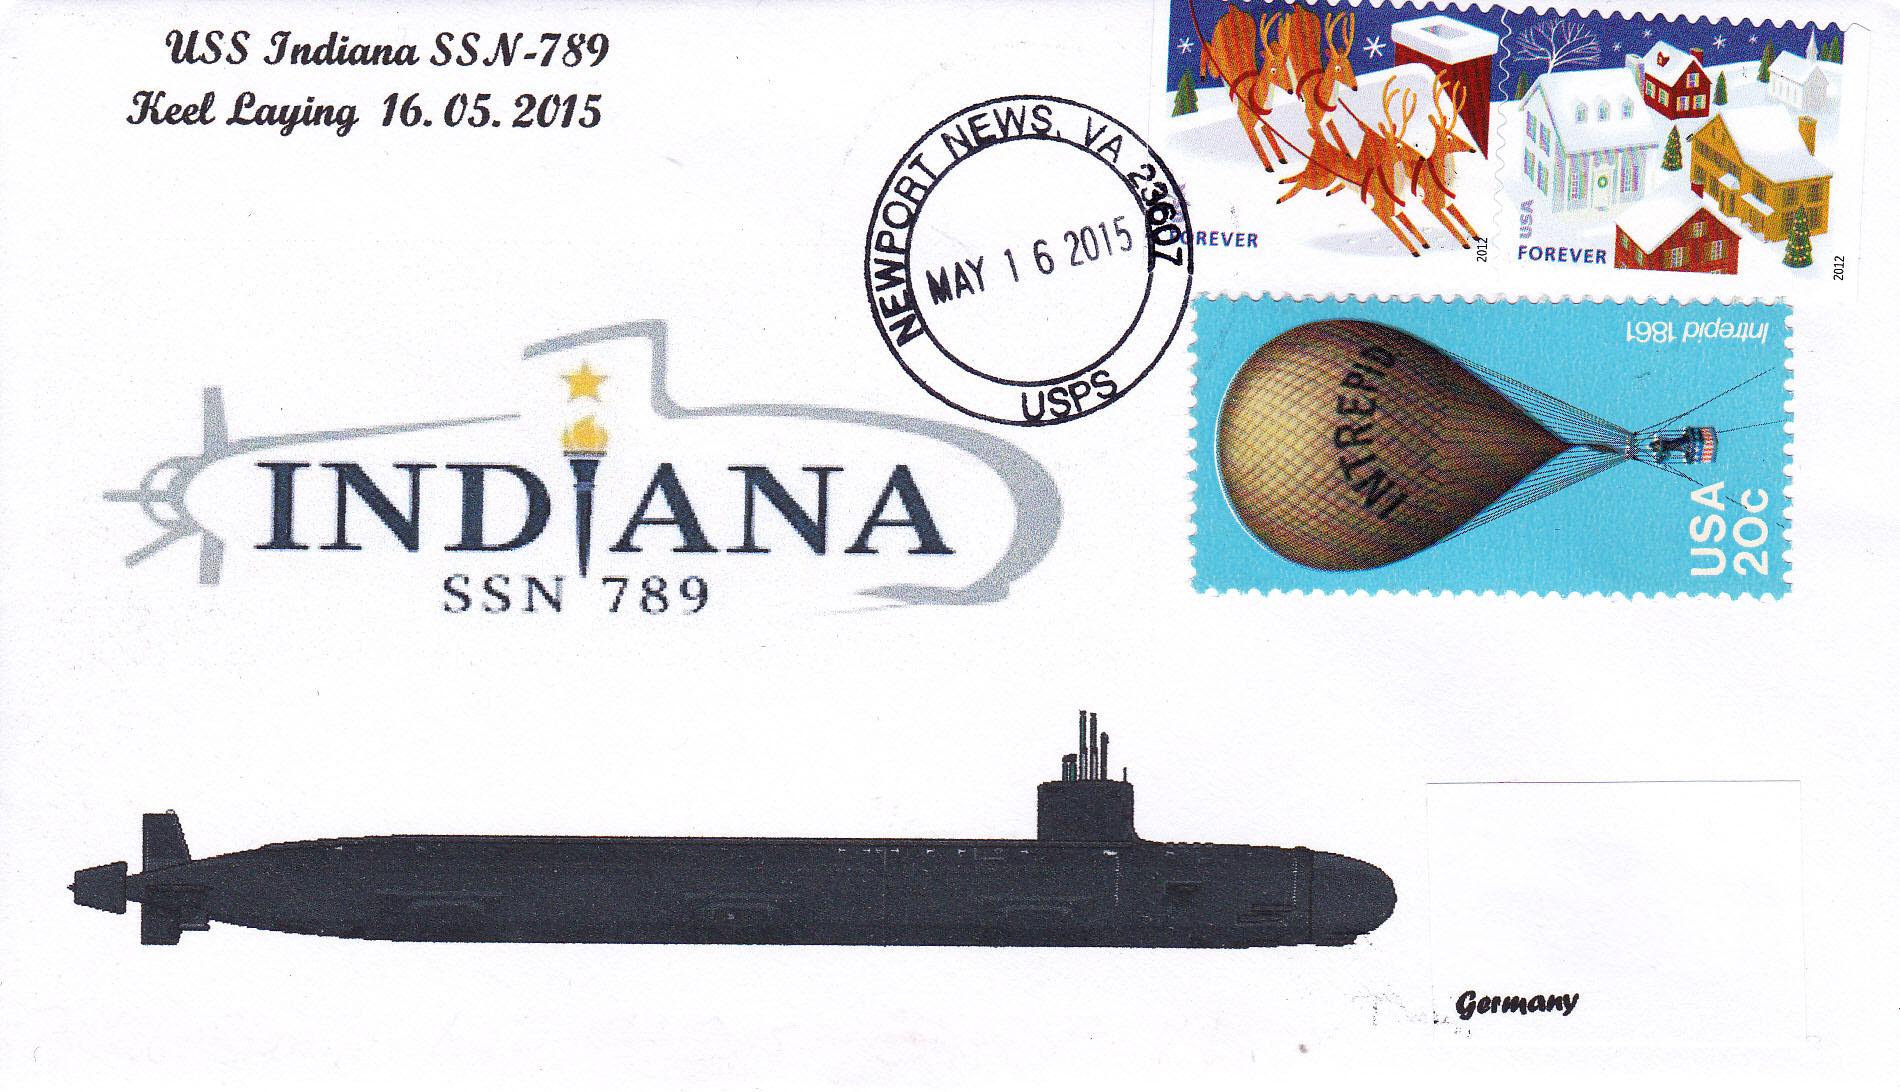 Beleg USS INDIANA SSN-789 Keel Laying Ceremony von Heinz Grasse